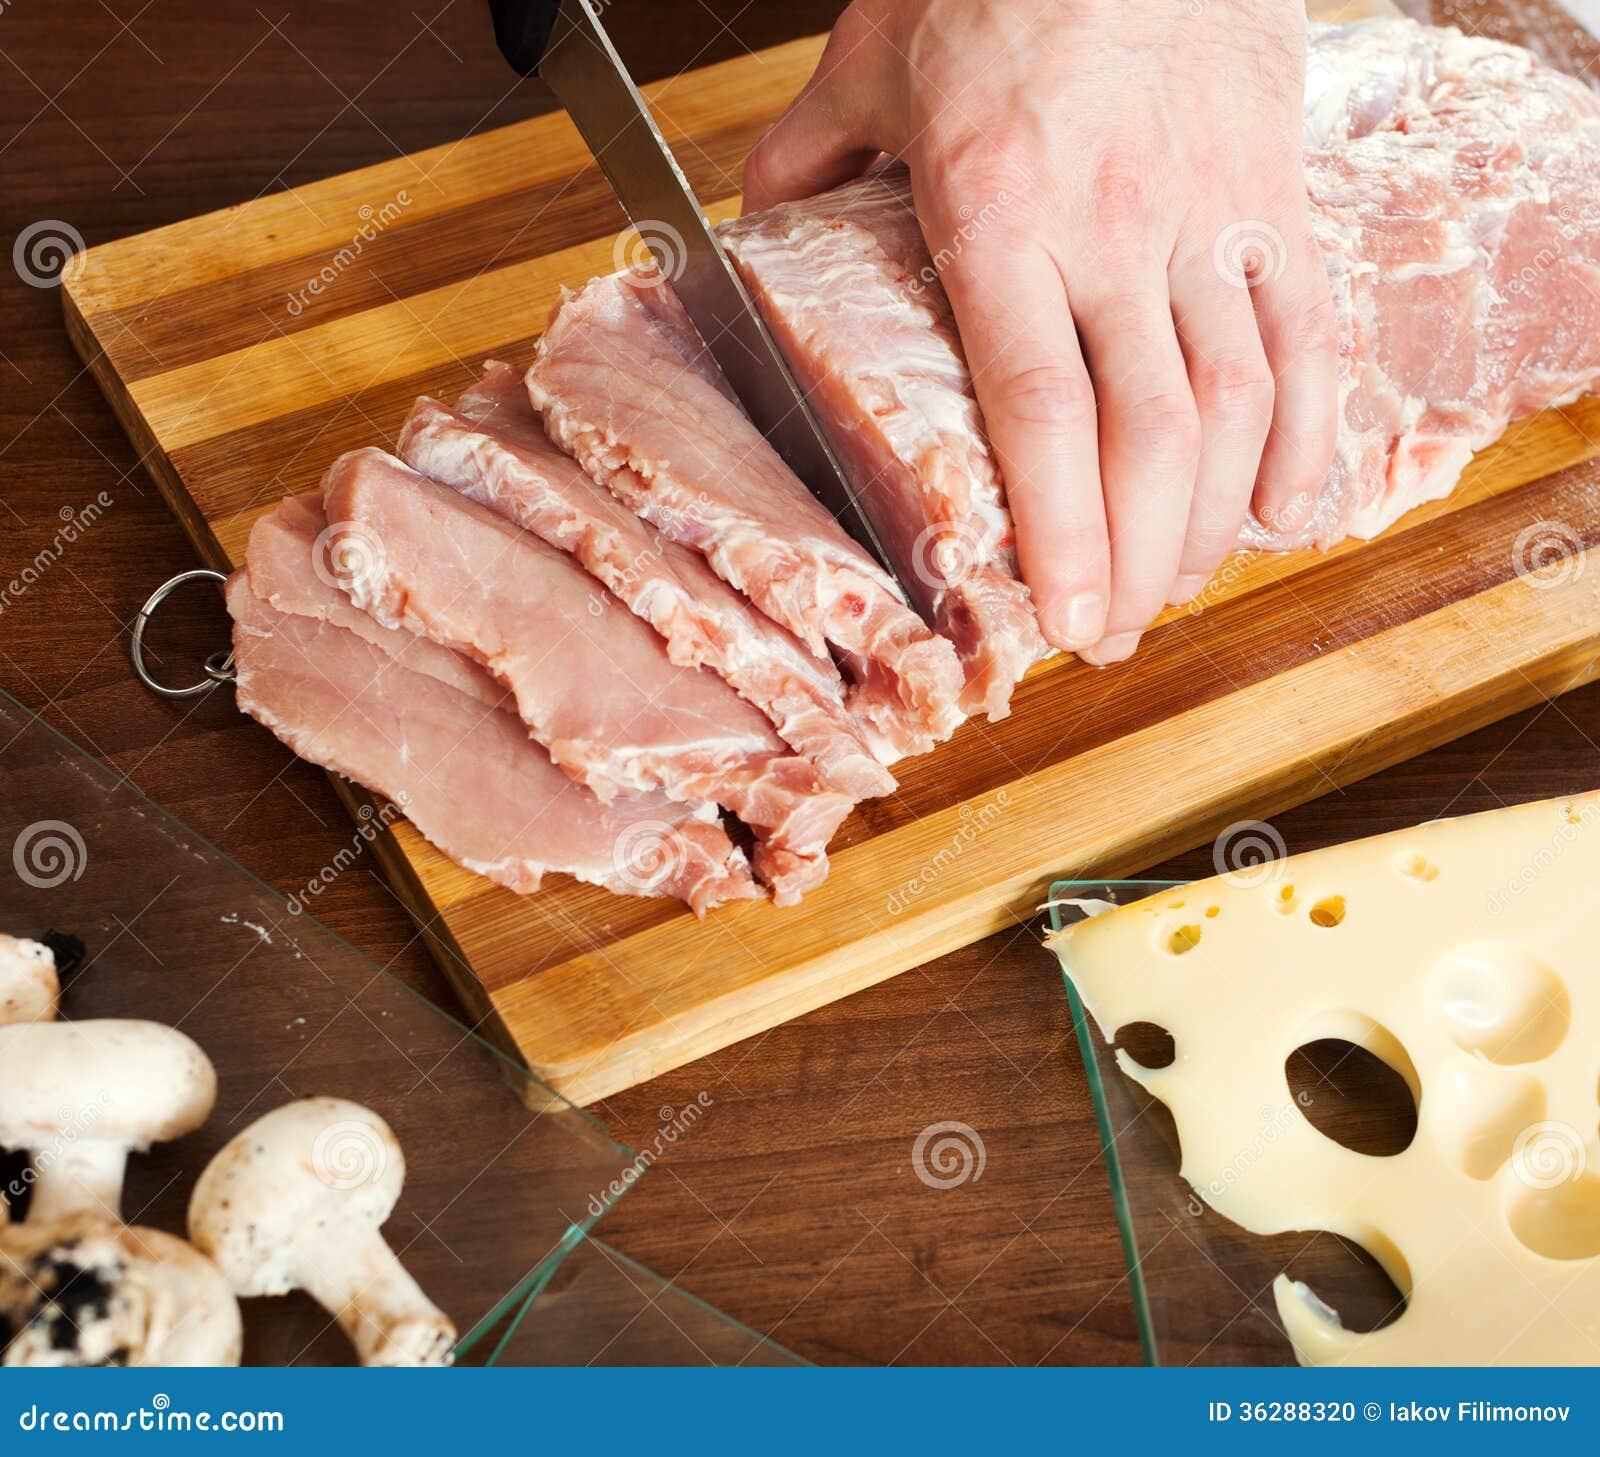 切了手的照片_切生肉的手 库存照片 - 图片: 36288320